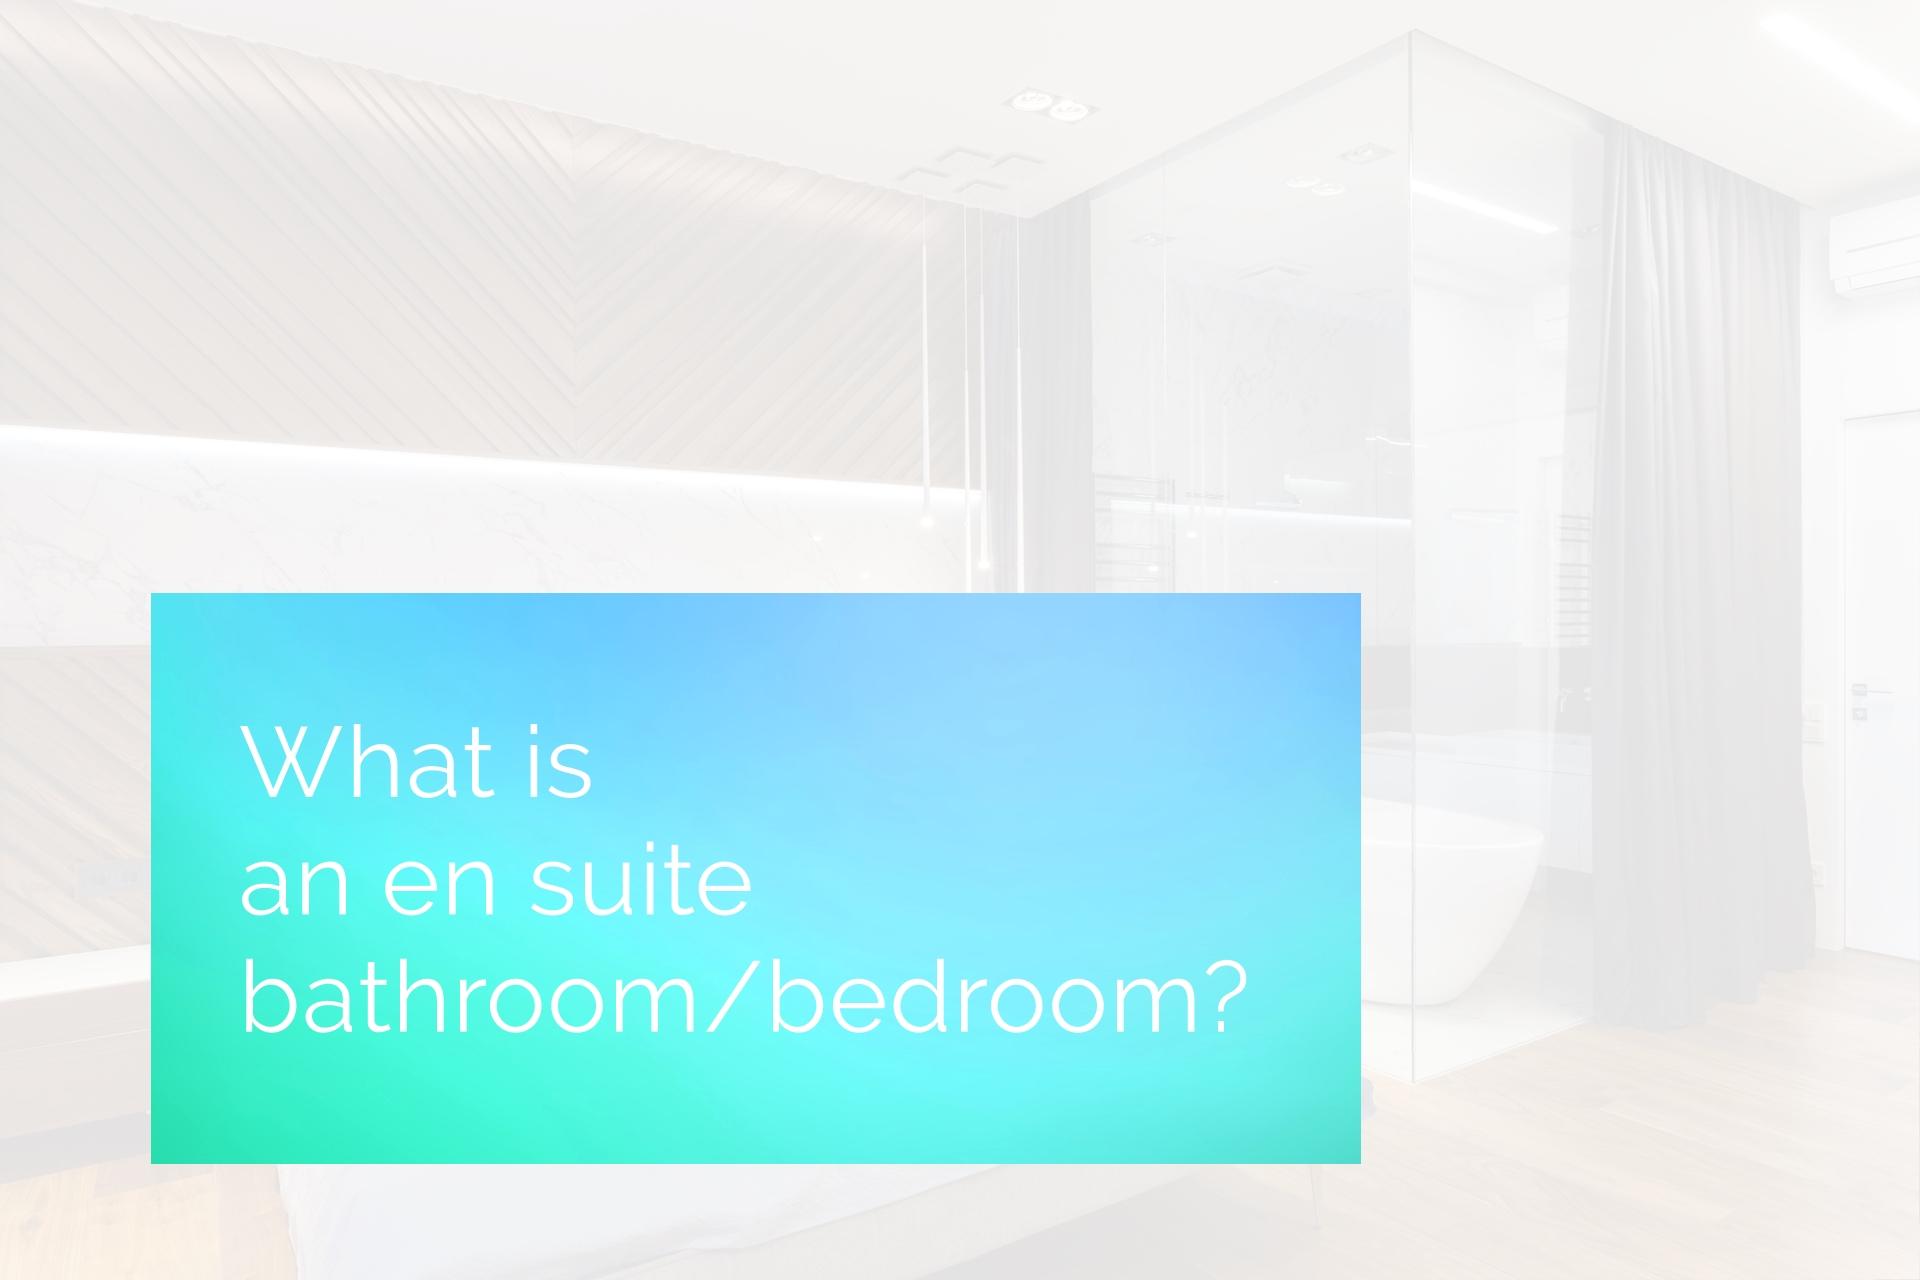 Bathrooms En Suite Meaning: What Is An En Suite Bathroom/Bedroom?